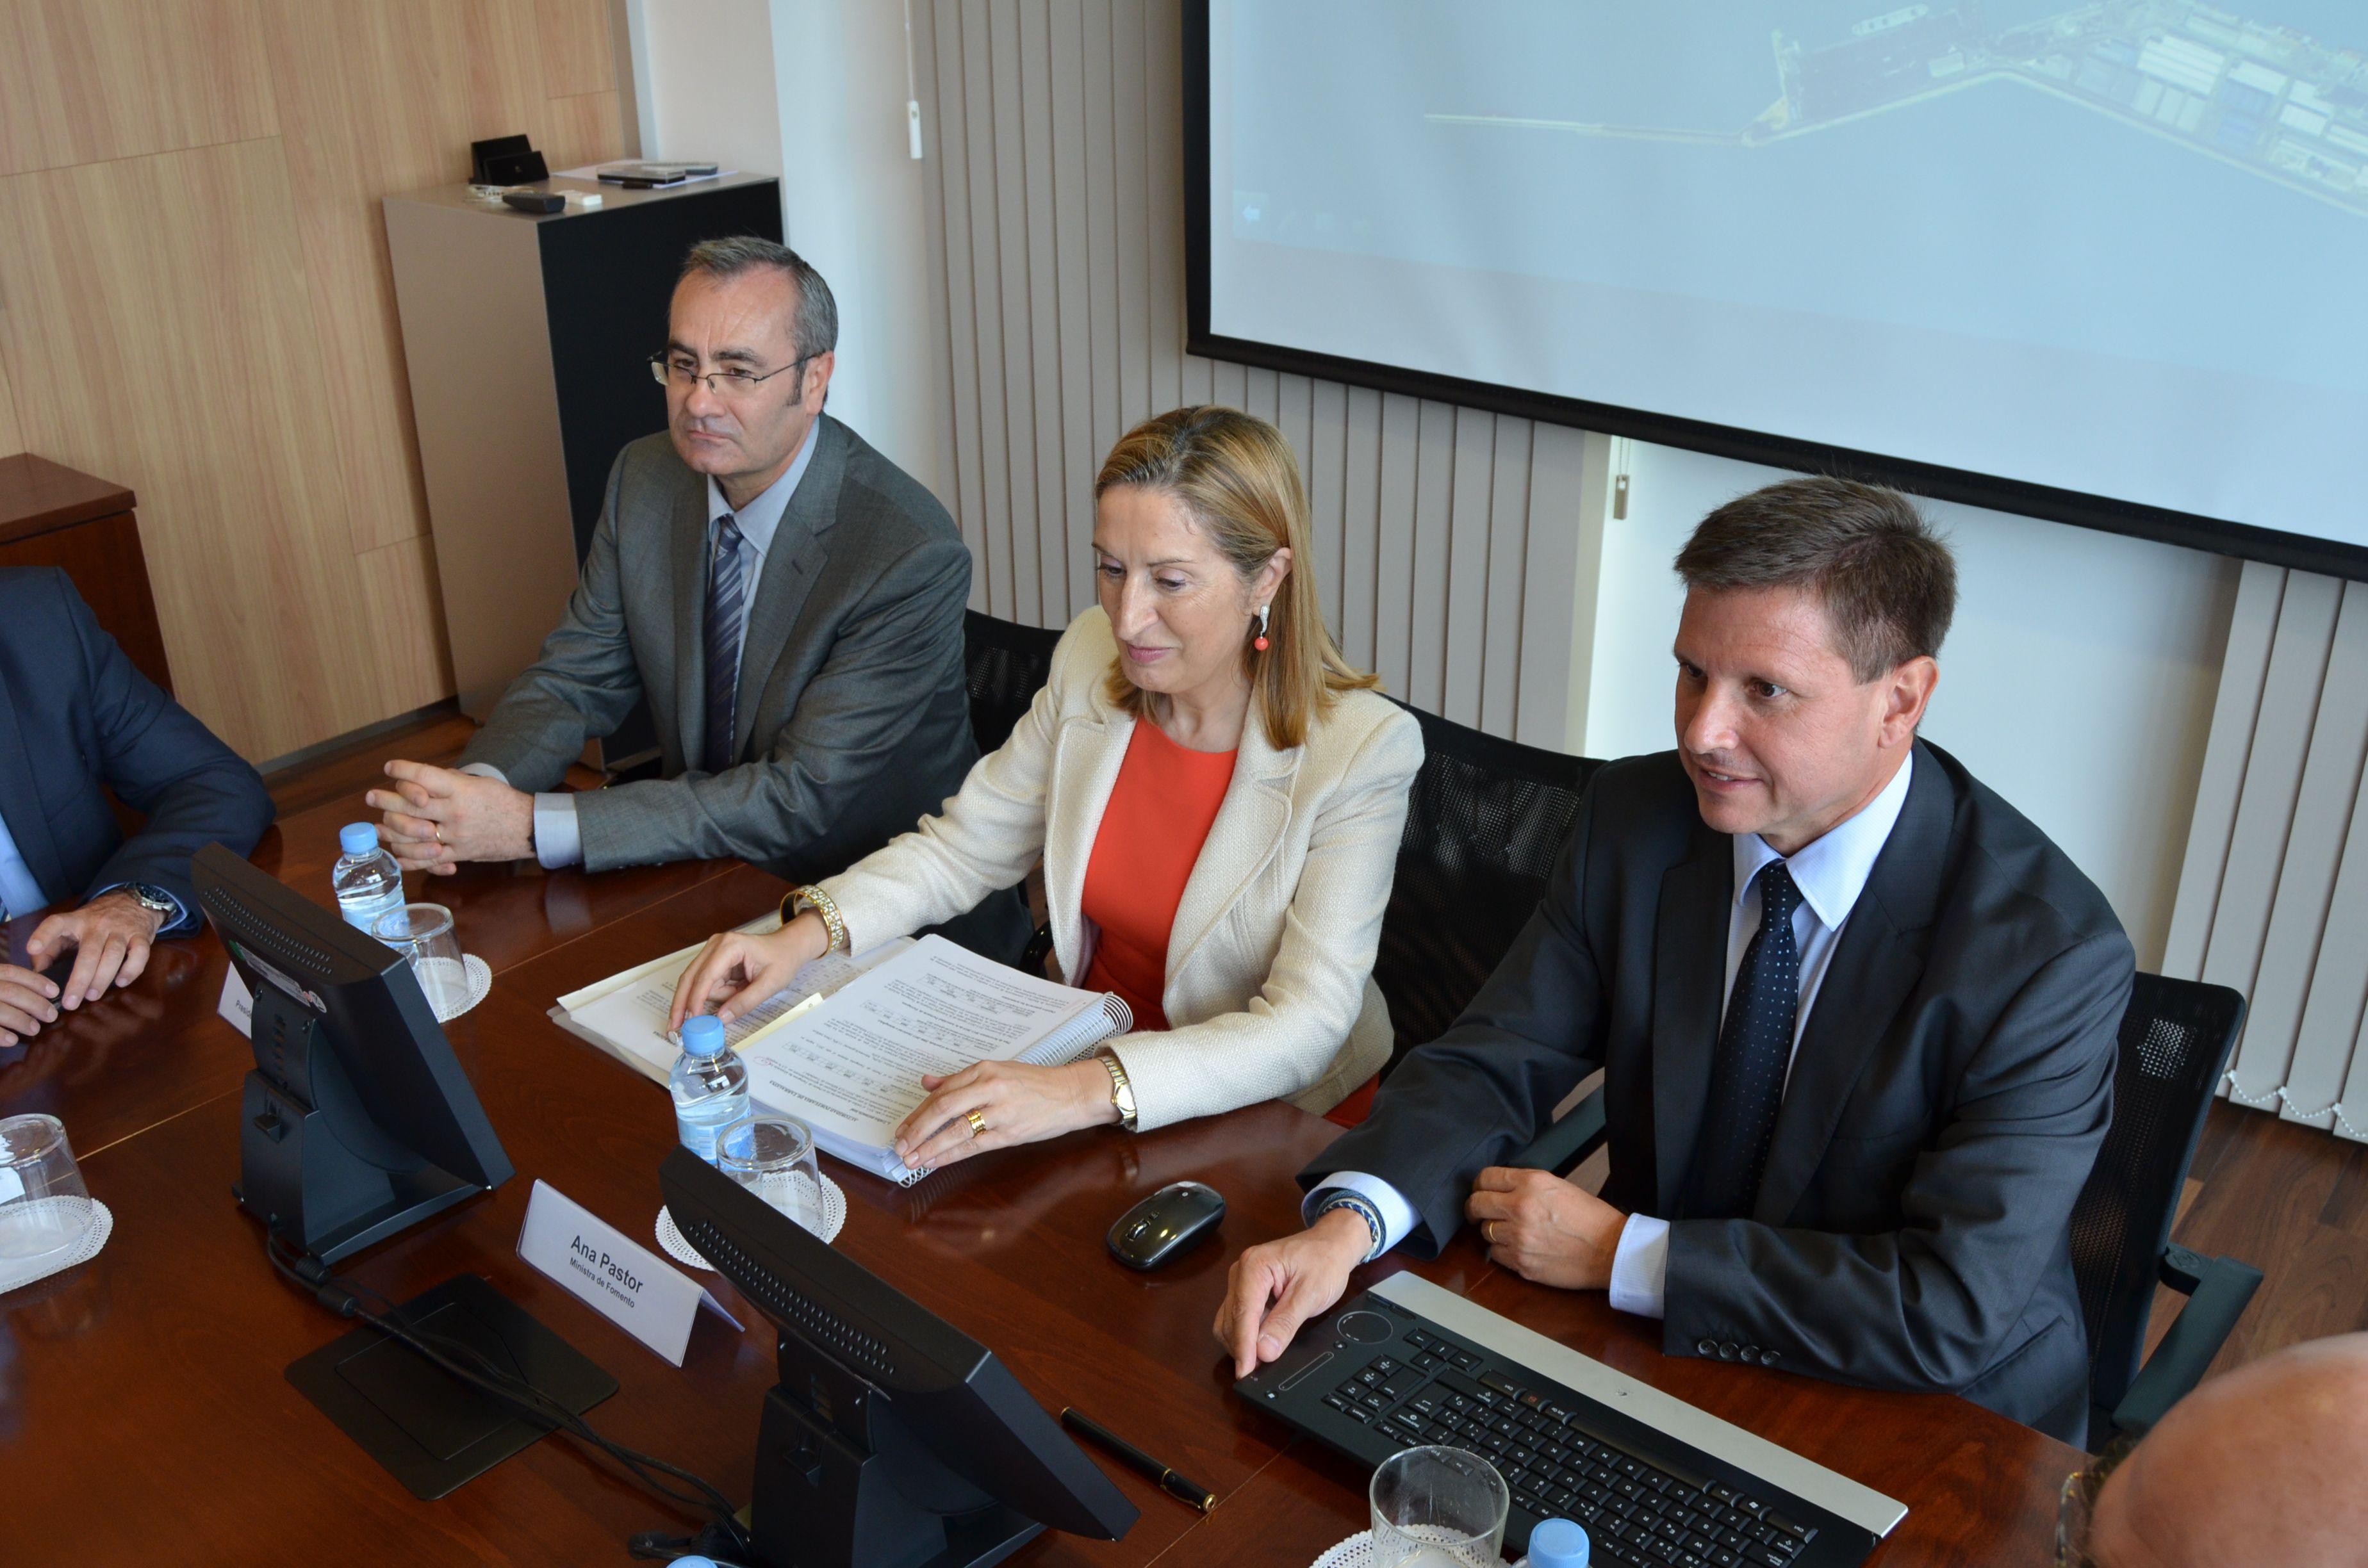 Foment promet la connexió ferroviària del tercer fil per al 2015